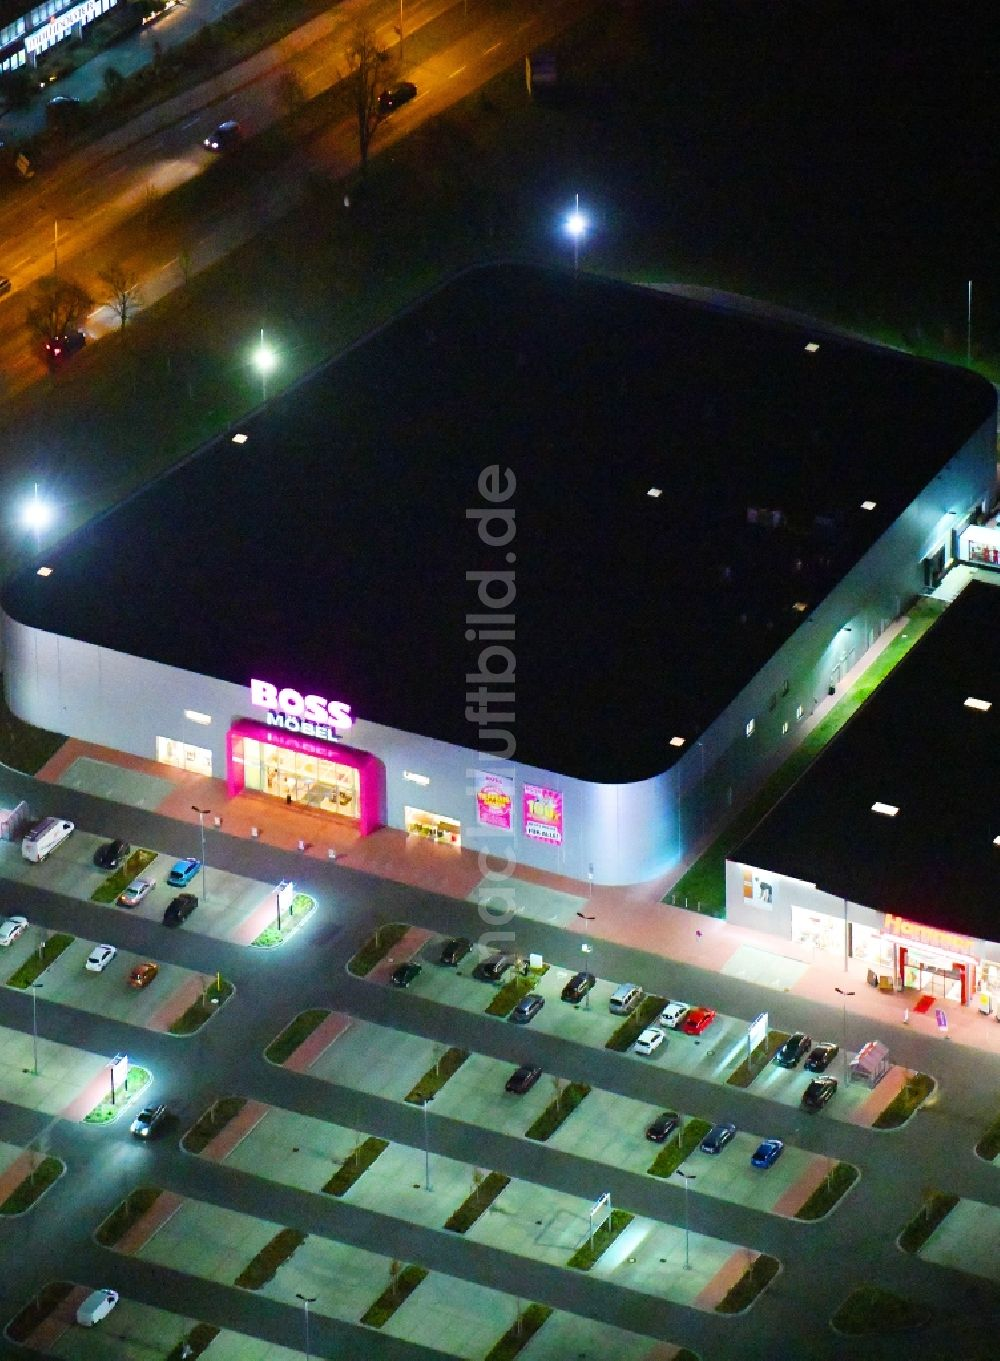 Nachtluftbild Berlin Nachtluftbild Neubau Eines Möbelhauses Der